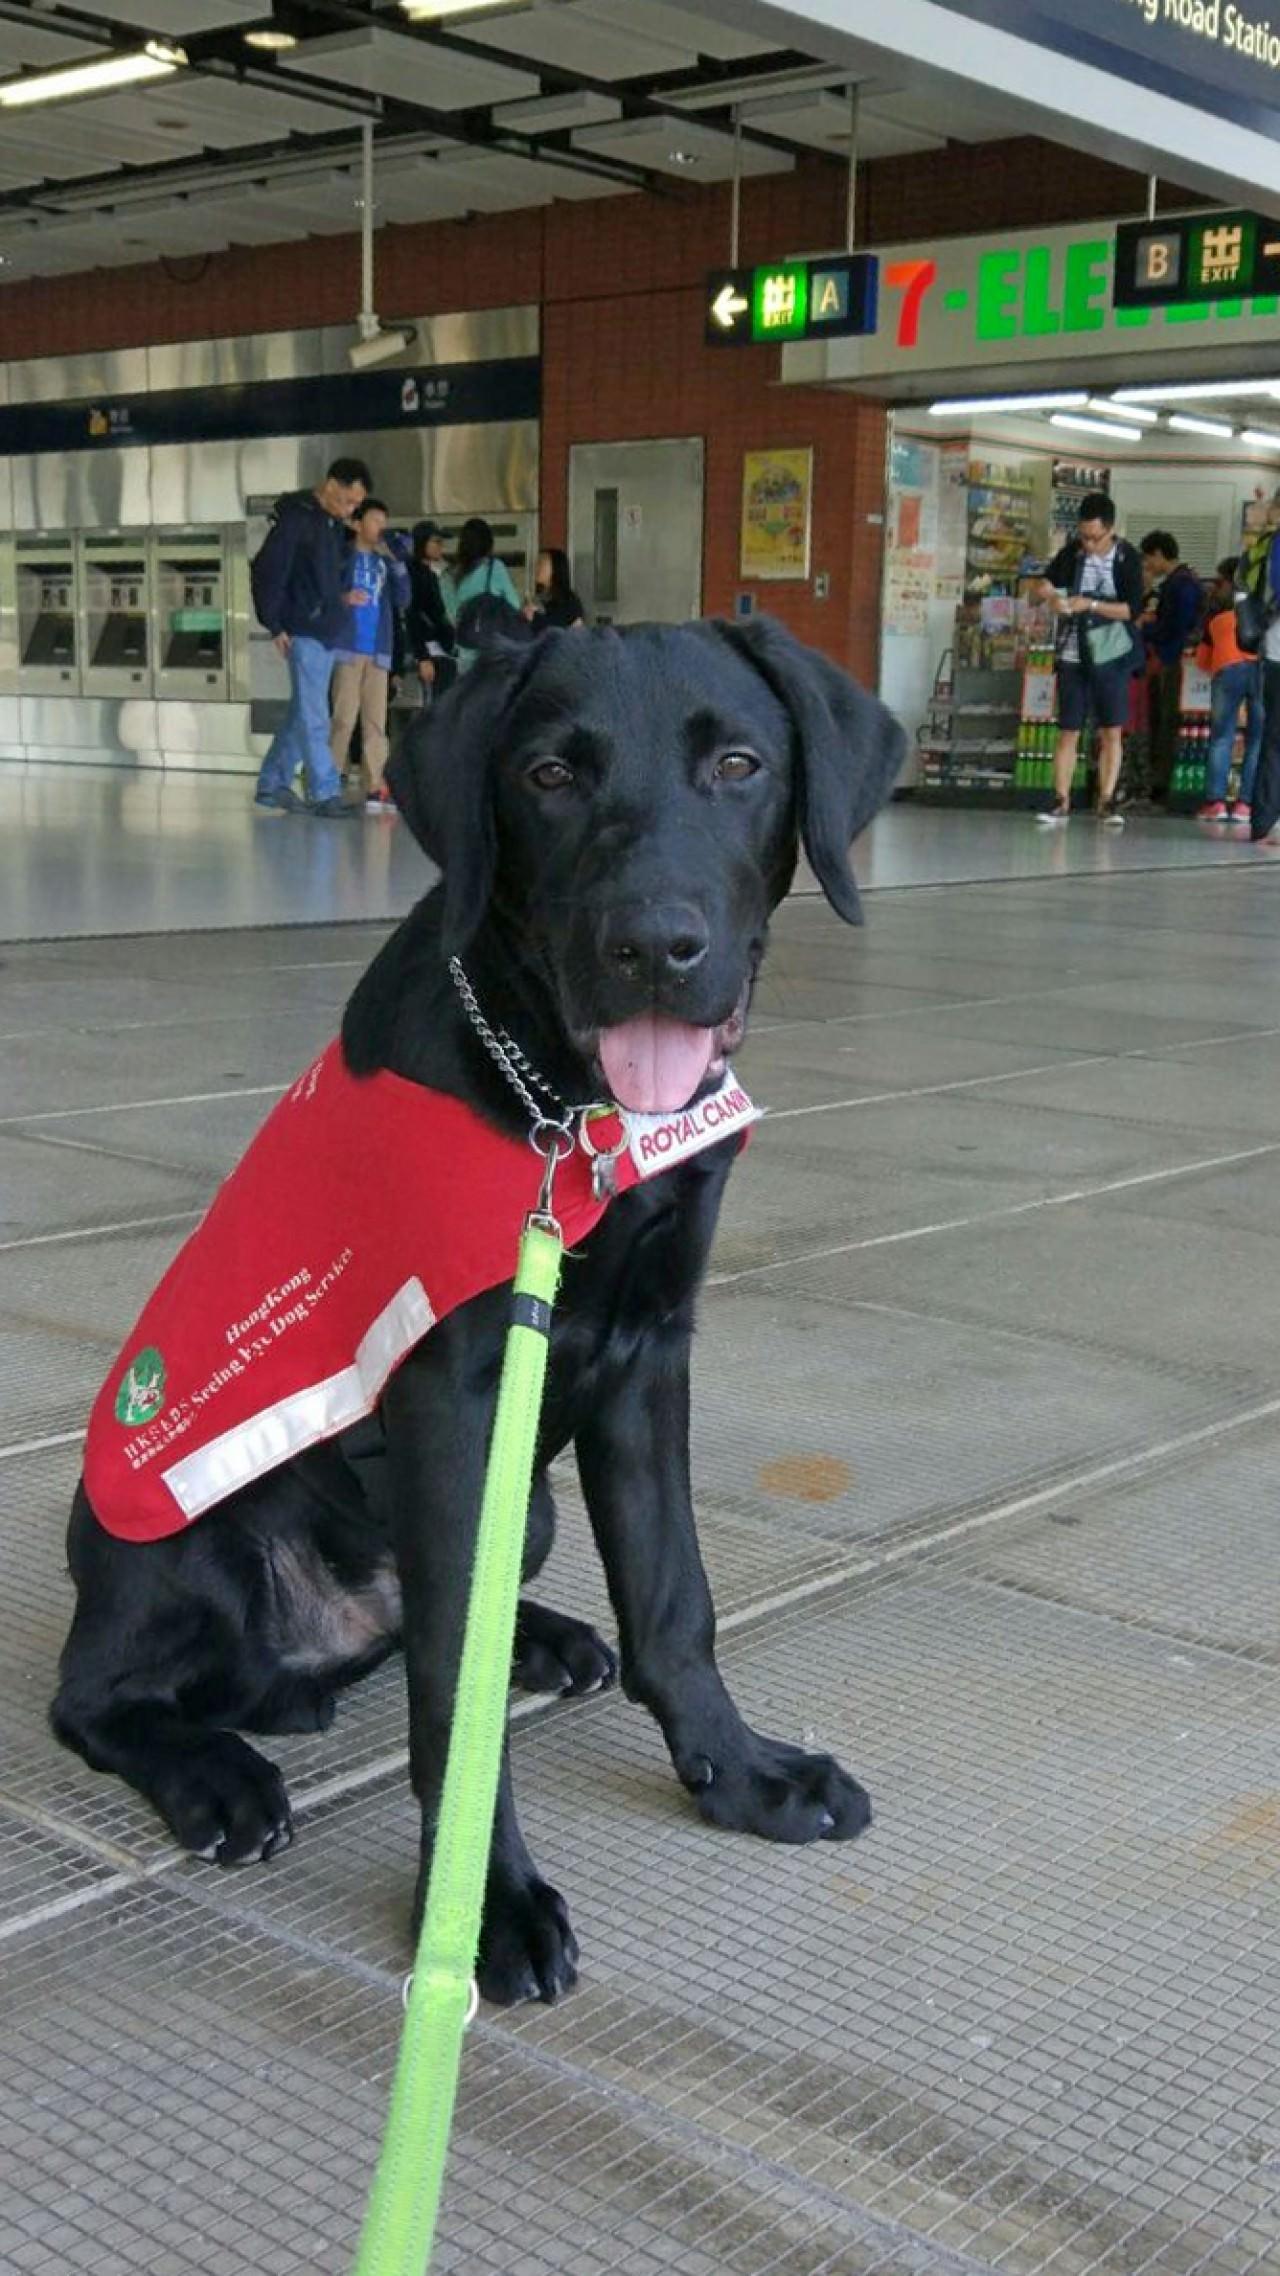 香港導盲犬服務中心的中心經理曾國樹表示導盲犬於地鐵裏受訓是重要一環。(香港導盲犬服務中心網站圖片)